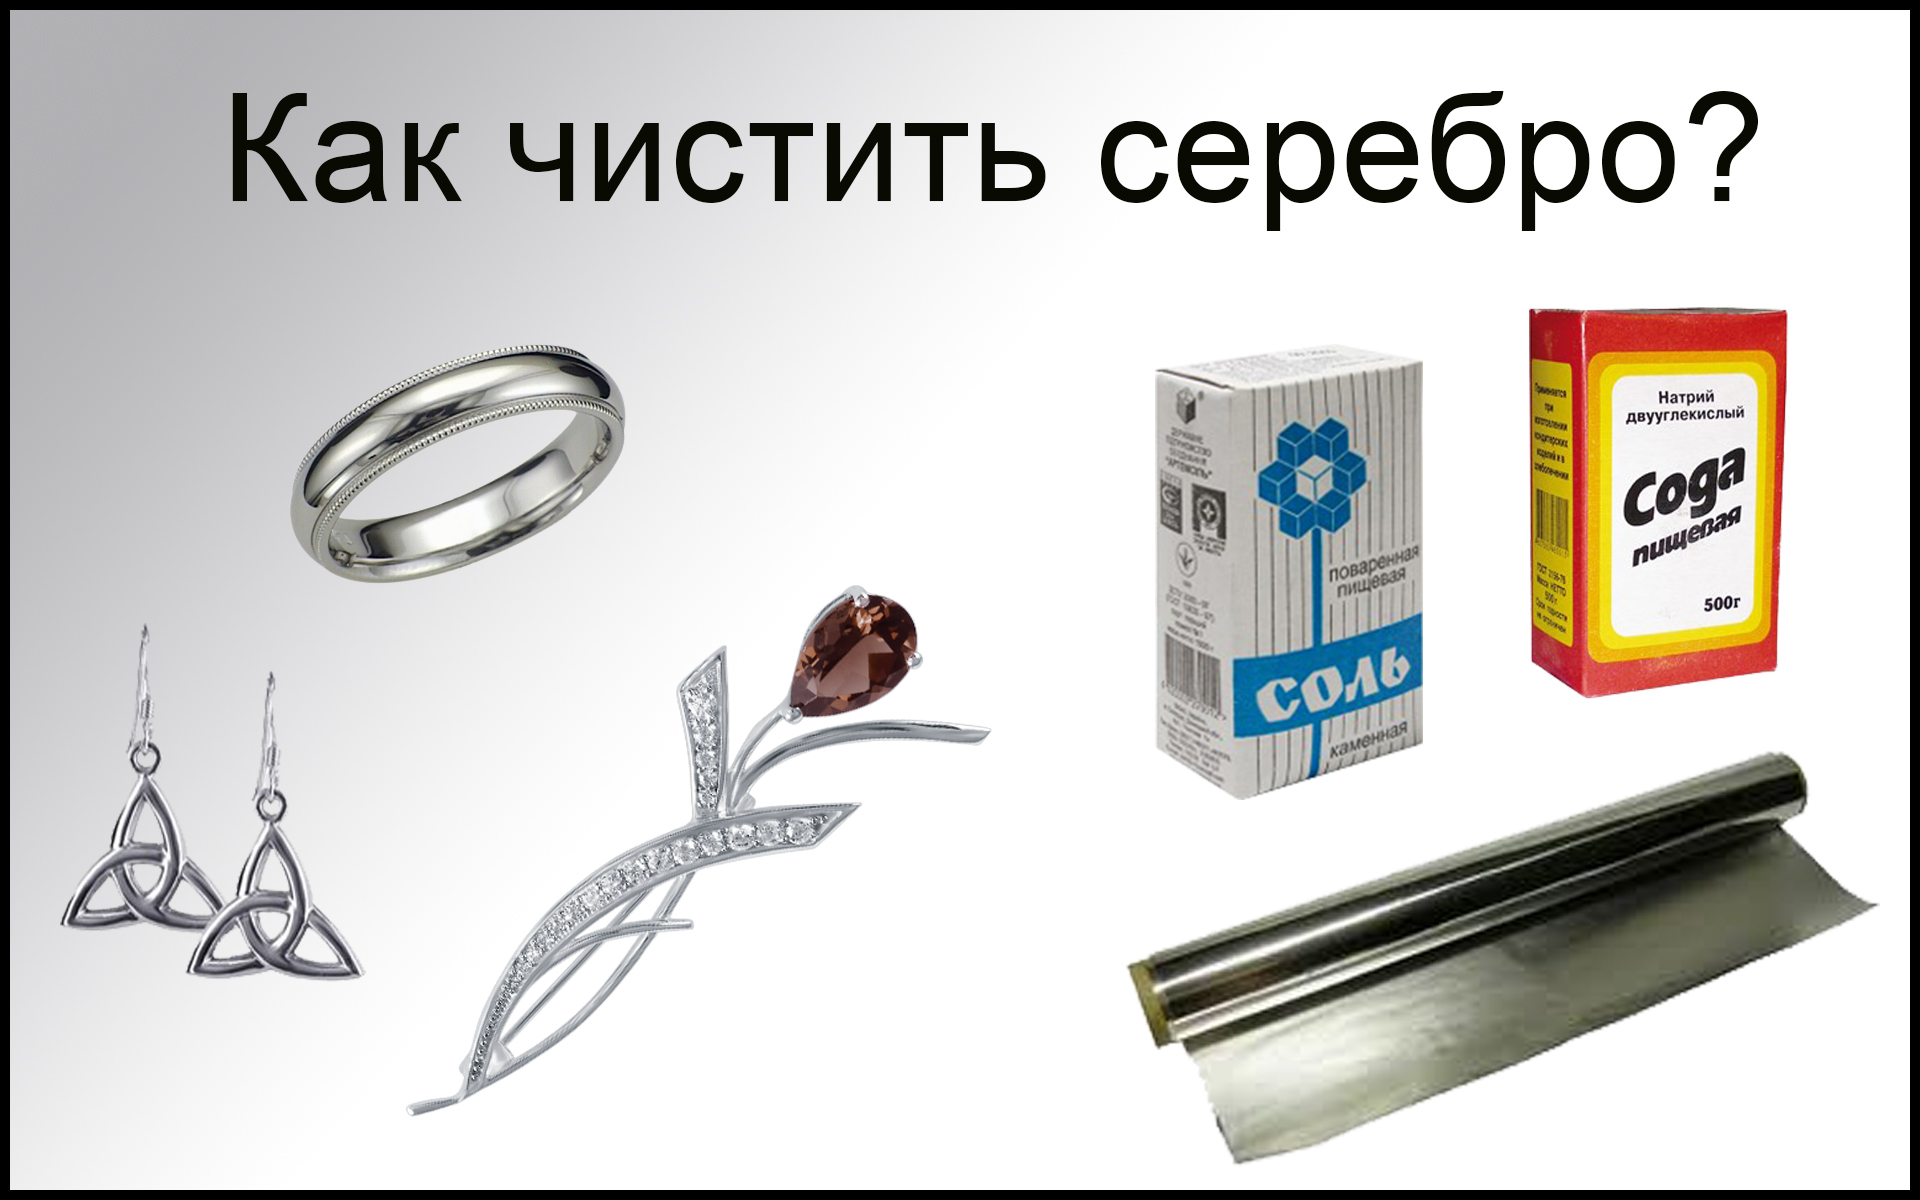 Как чистить серебро